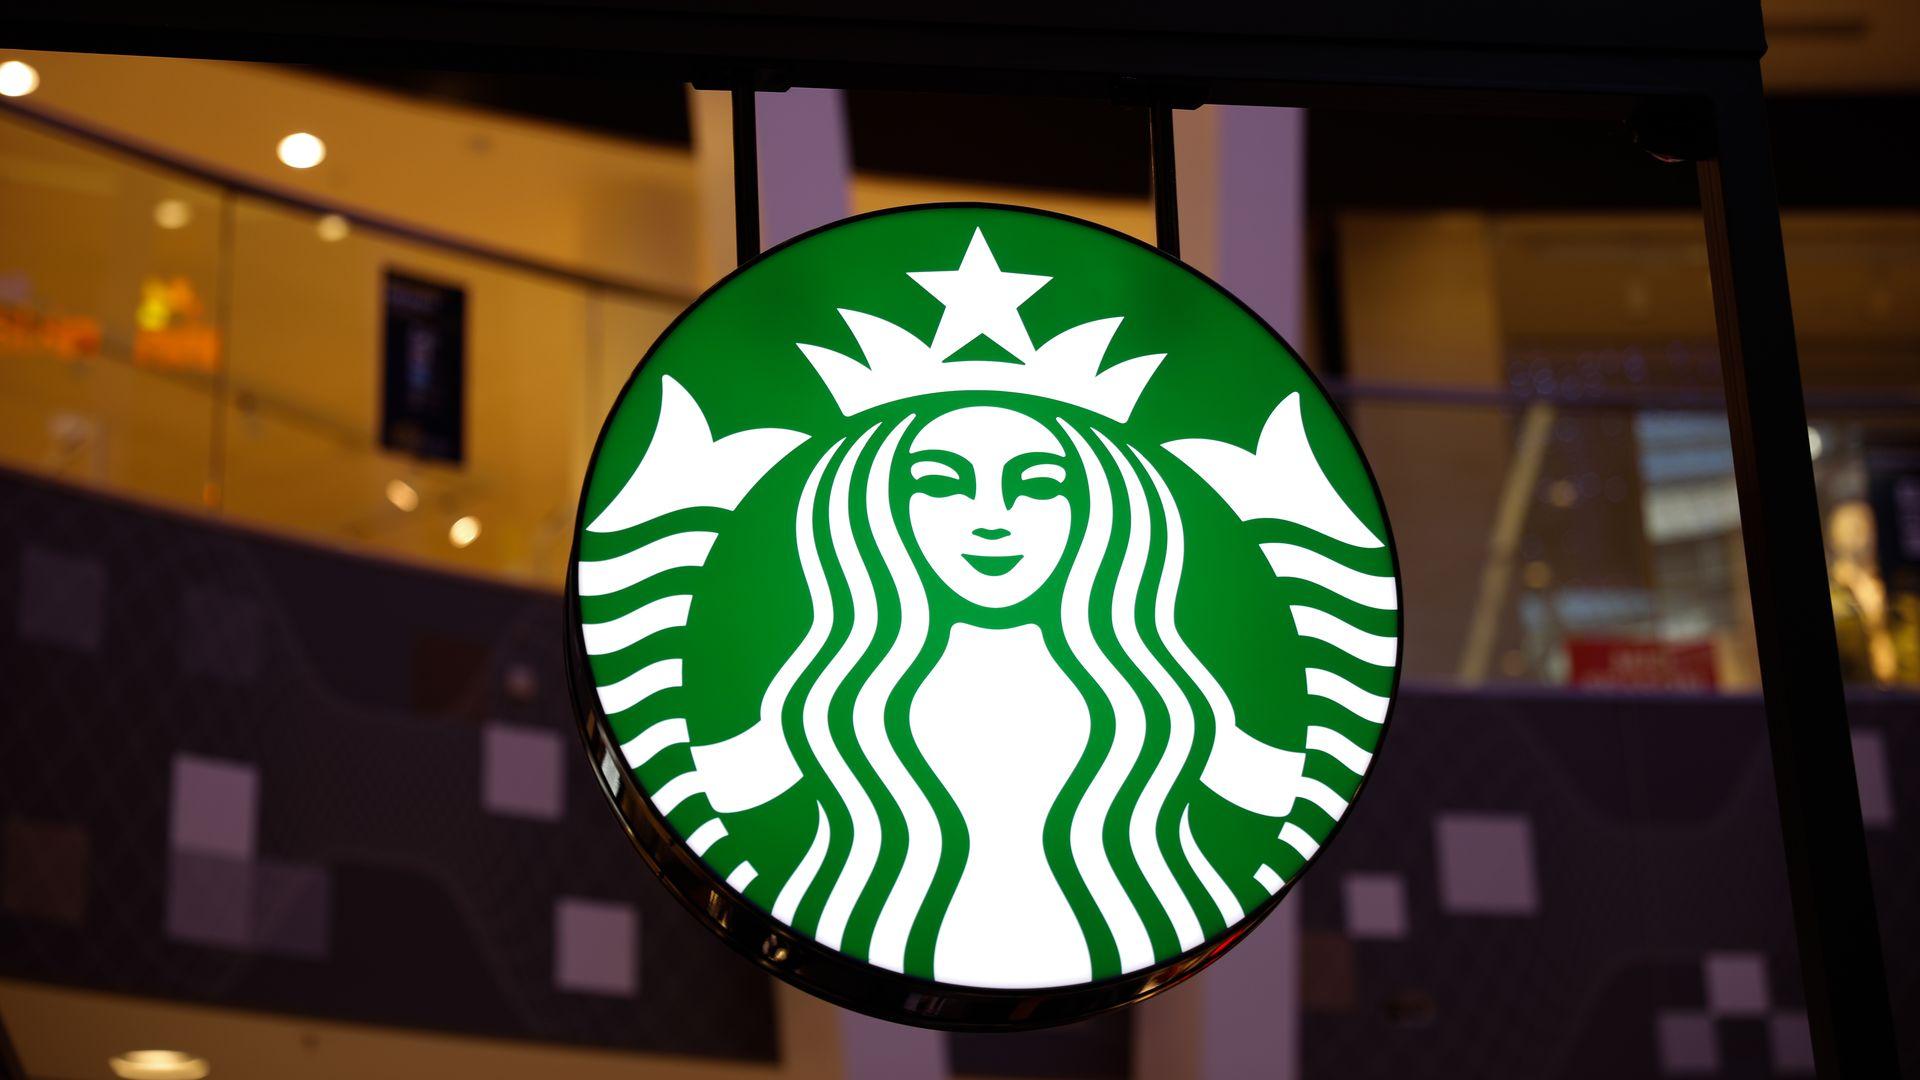 The Starbucks logo